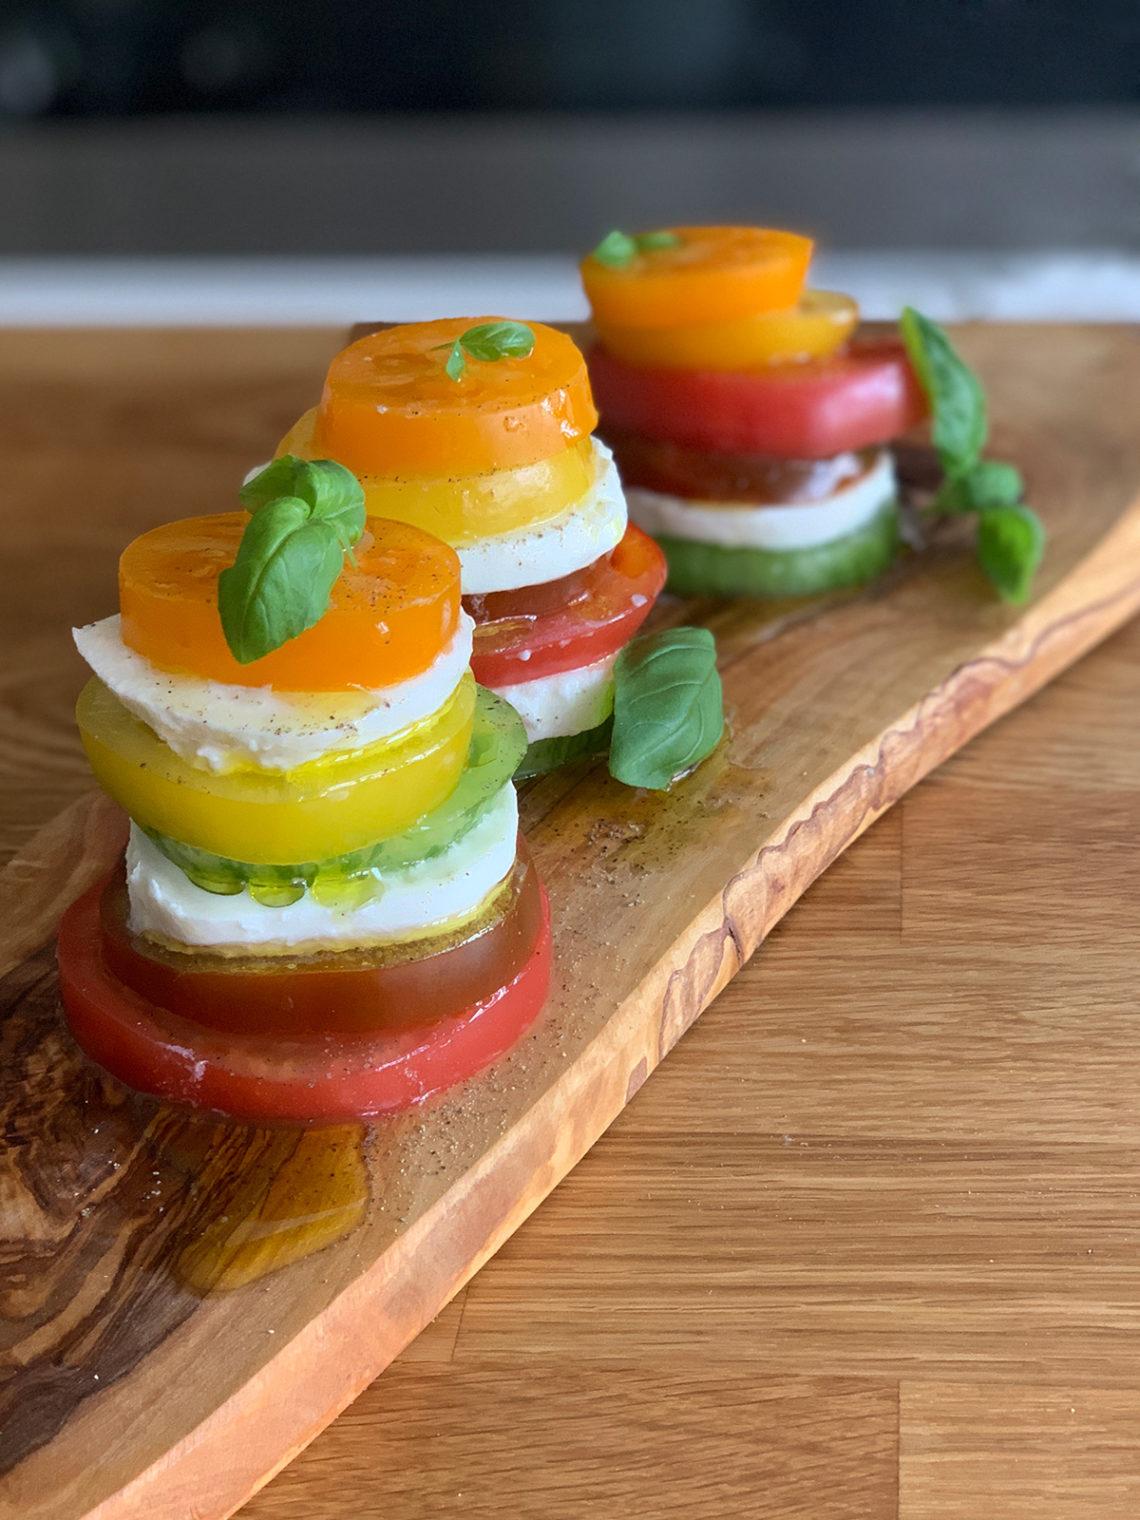 Мильфей из моцареллы и томатов. Сайт кулинарных рецептов Марии Каленской.